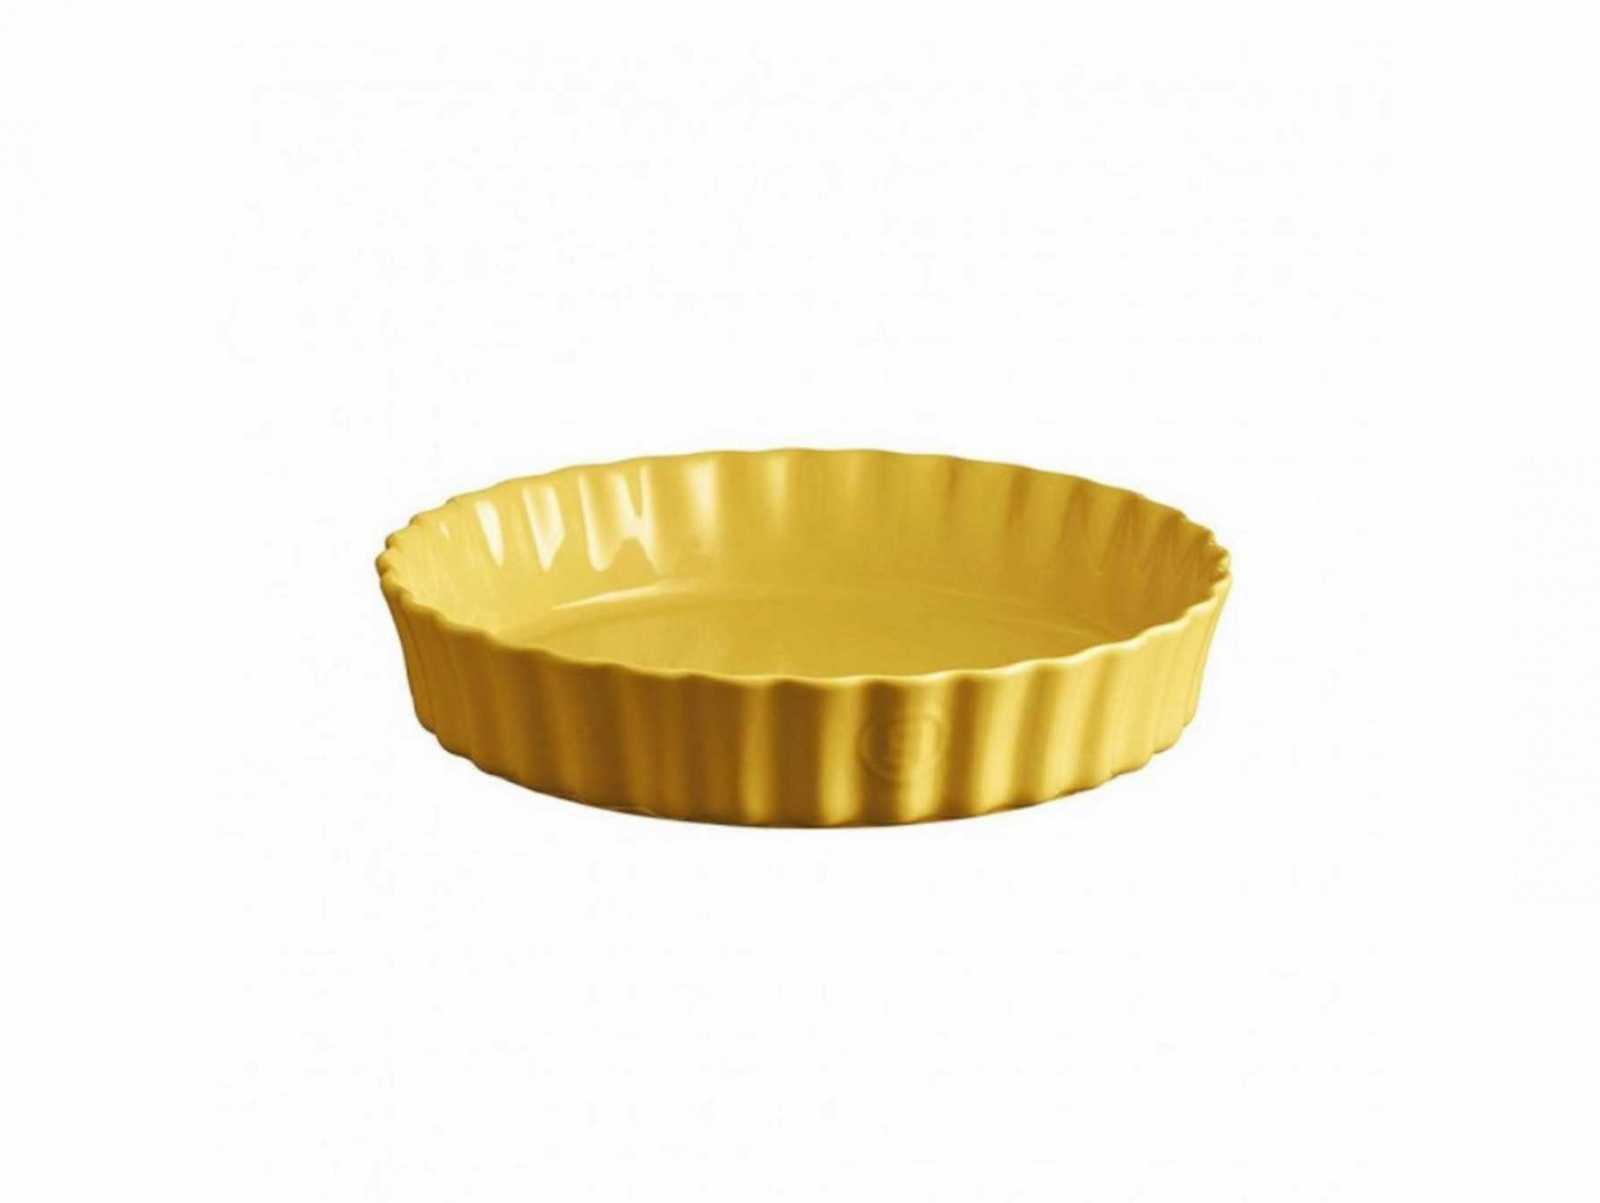 Онлайн каталог PROMENU: Форма для запекания Emile Henry OVENWARE, диаметр 29 см, желтый                               906028